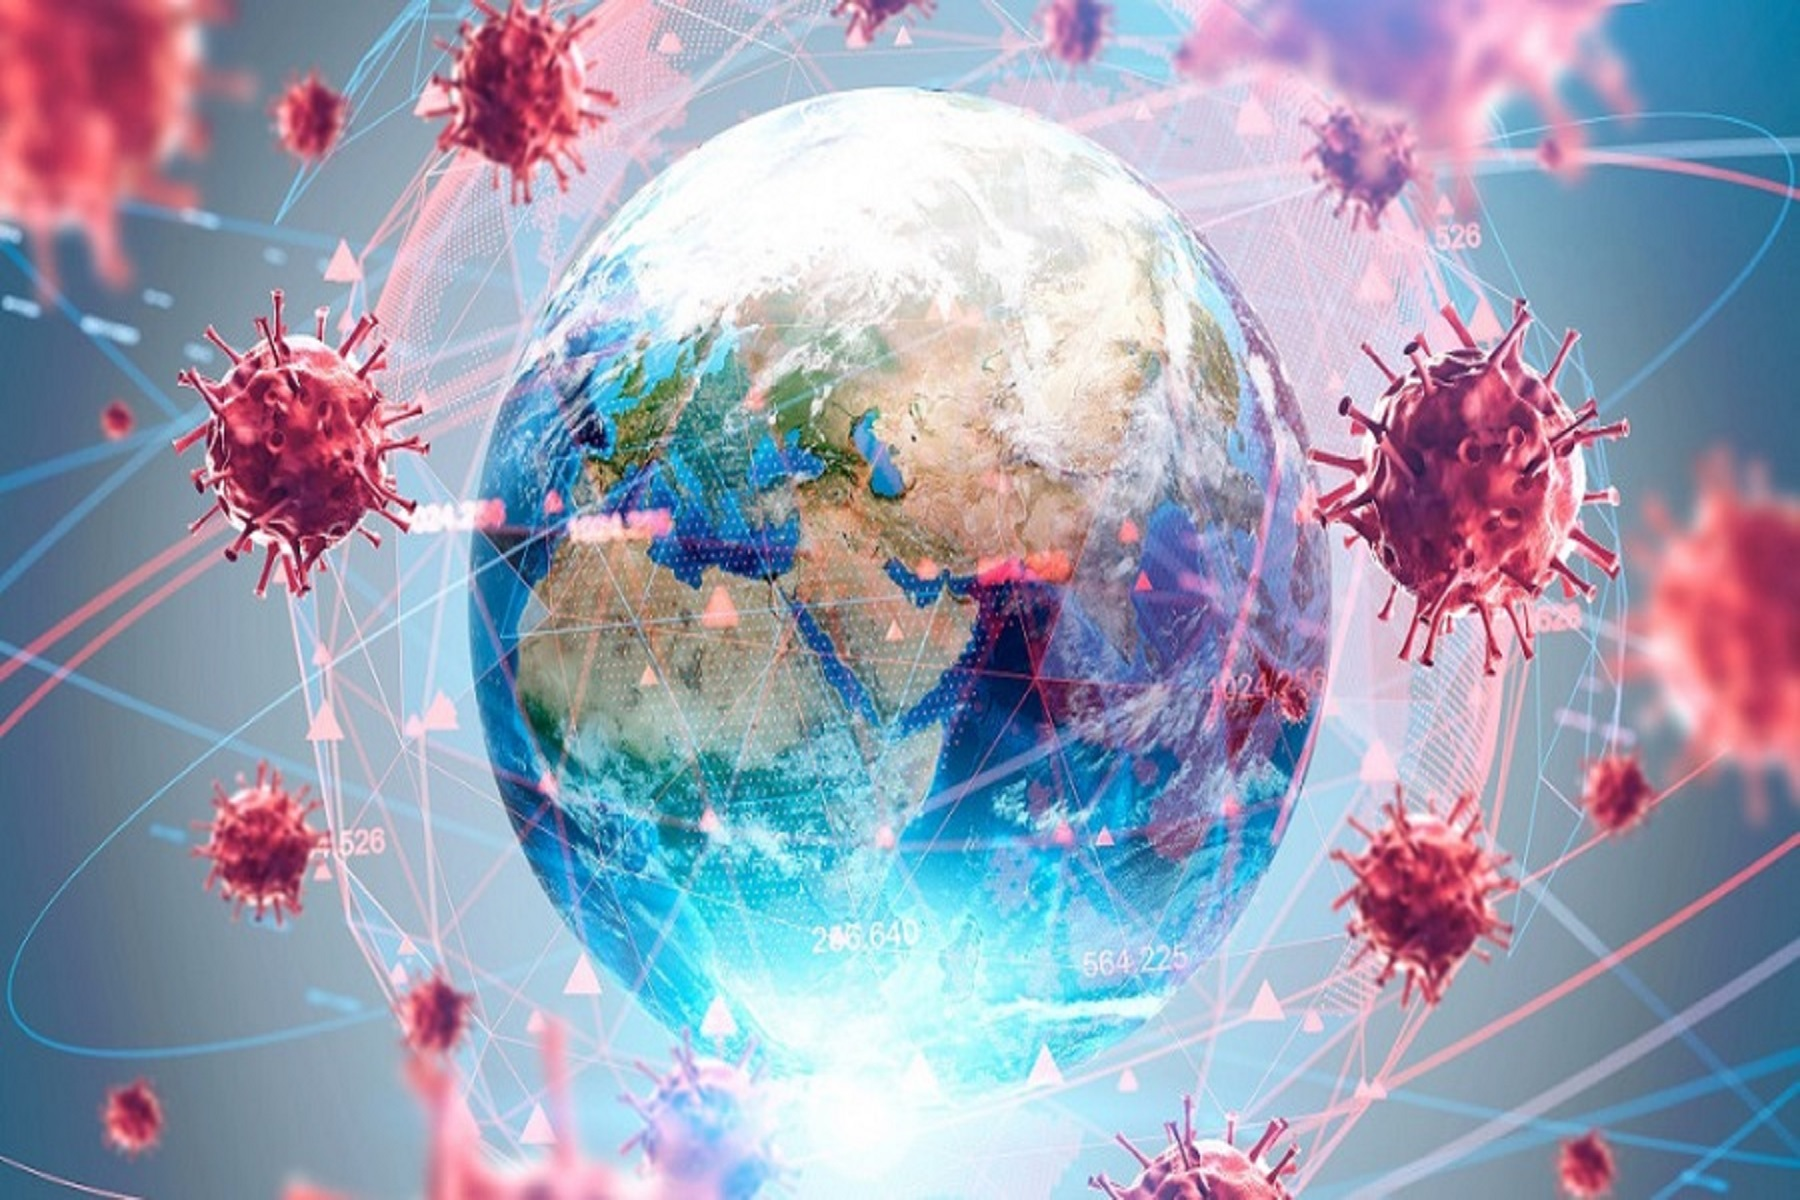 Πανδημία Covid-19: Τα μαθήματα από τον κορωνοϊό έχουν ενισχύσει τη δημόσια υγιεινή